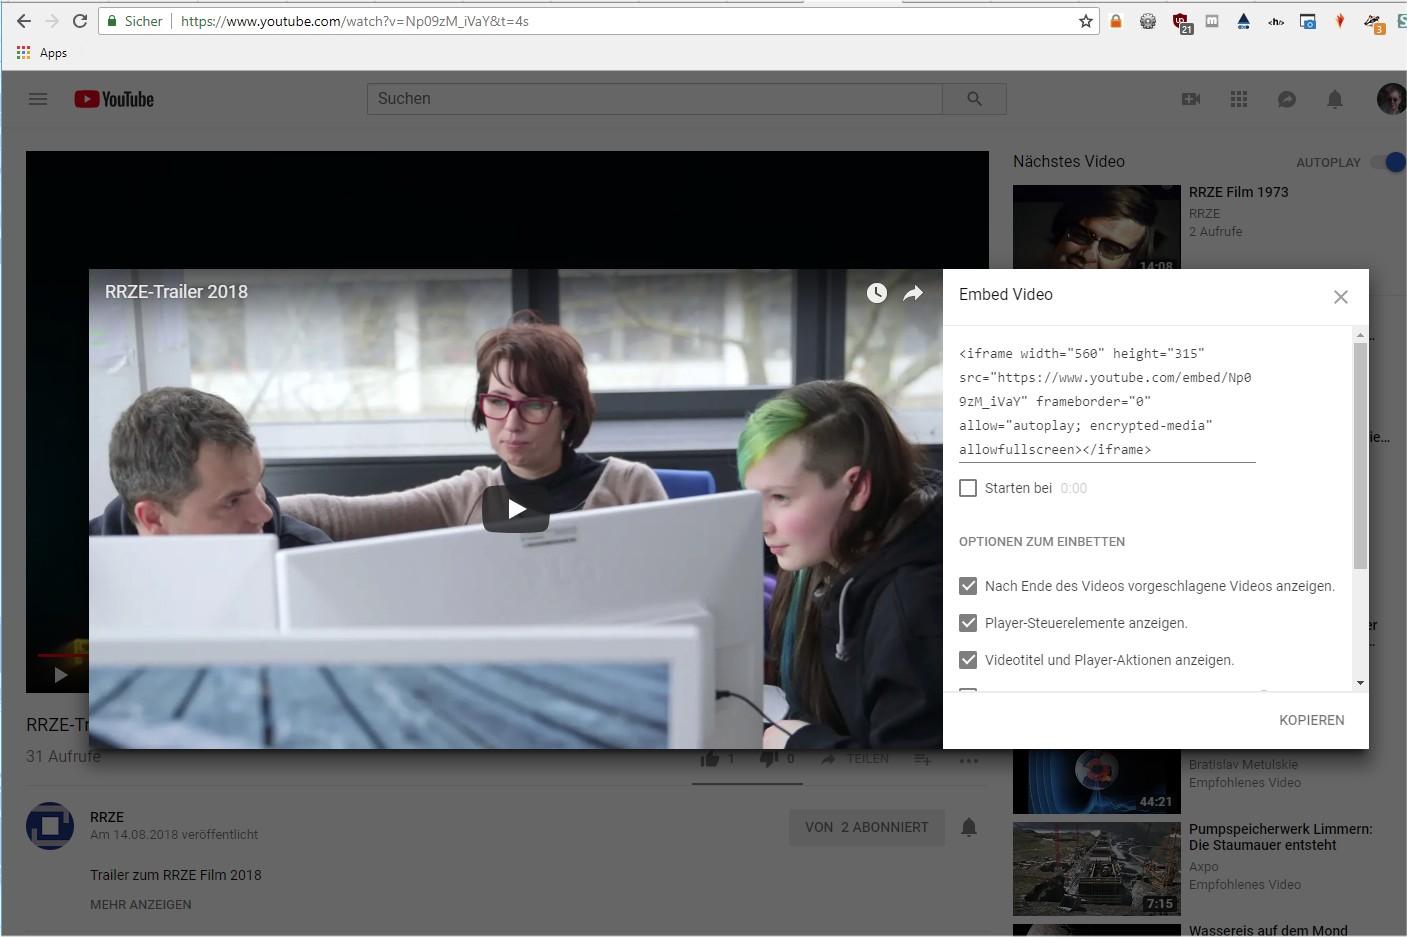 Bild: Embedding eines Videos von YouTube